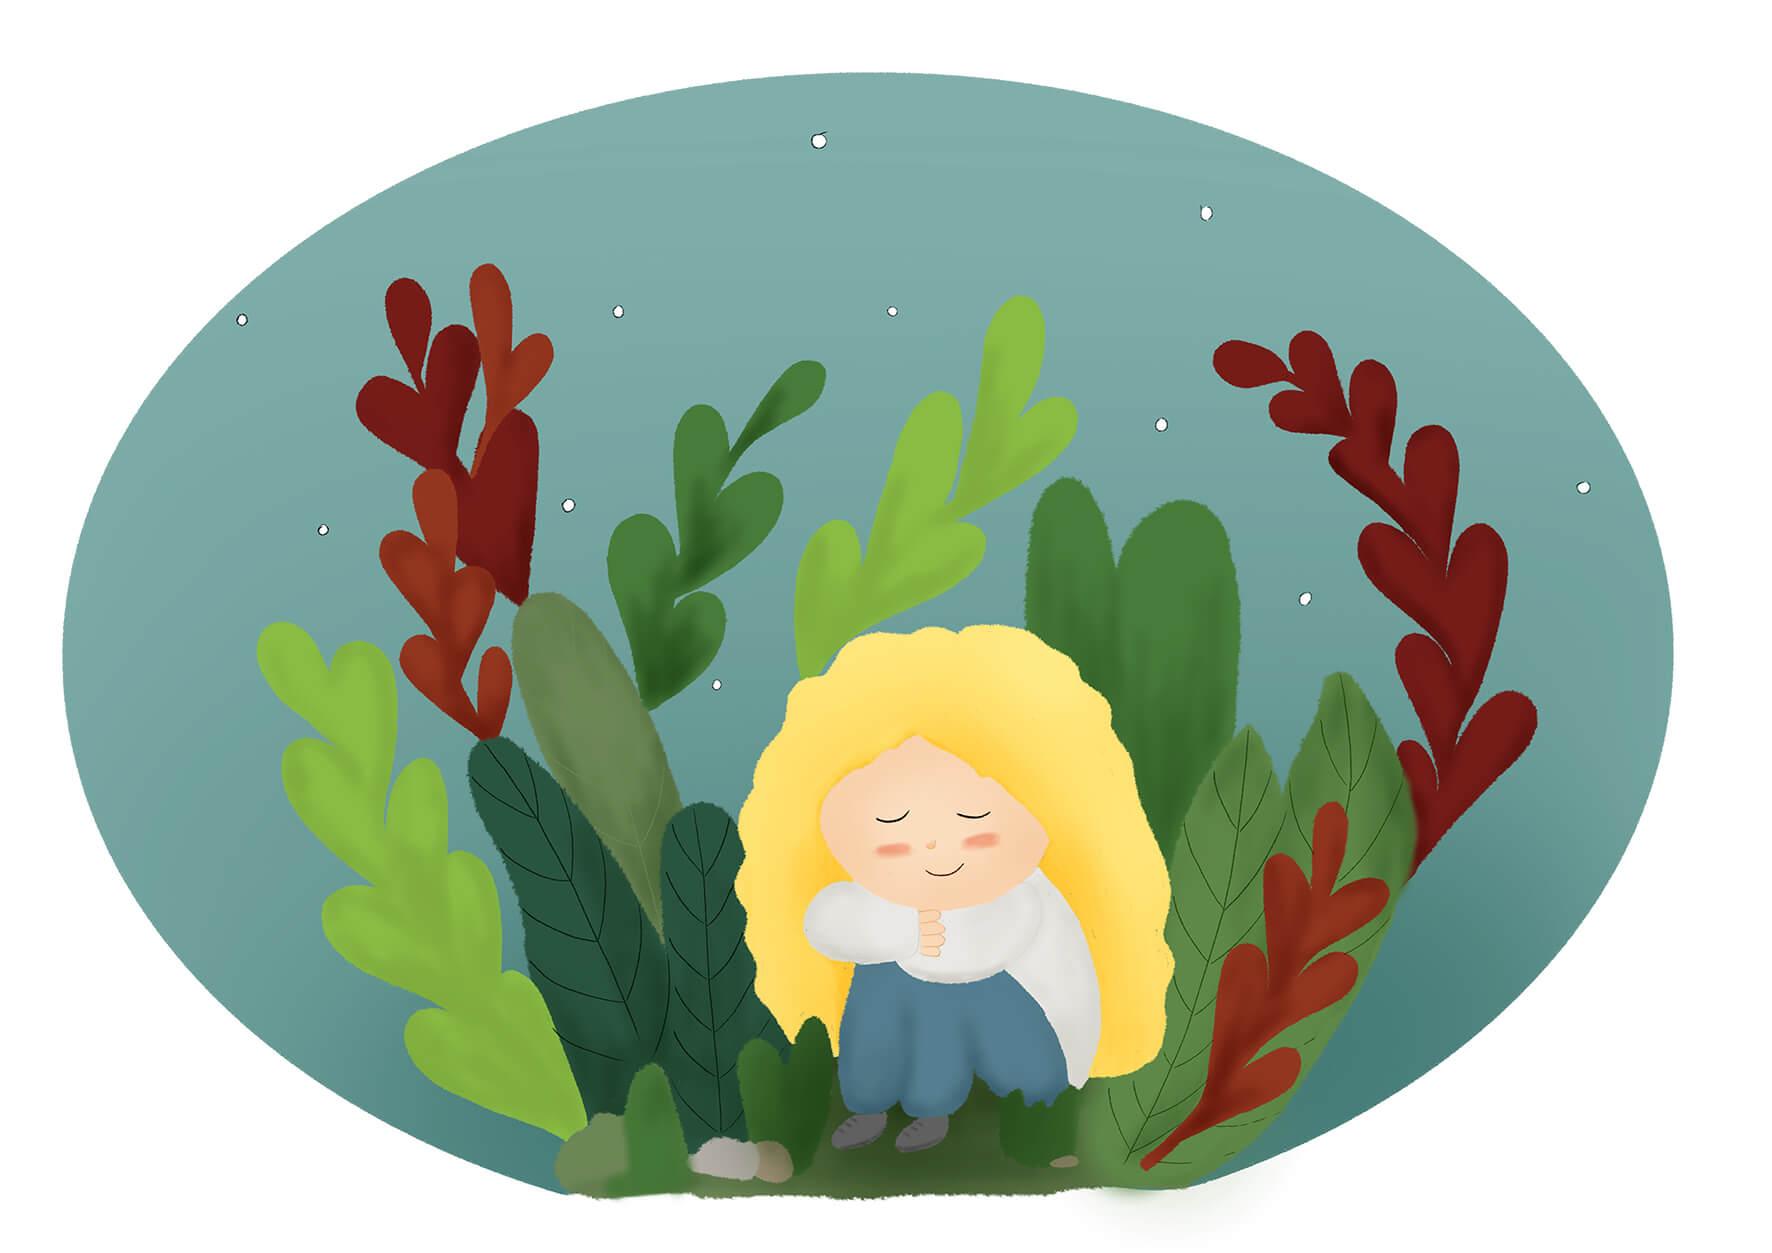 plantbubble_kleienr